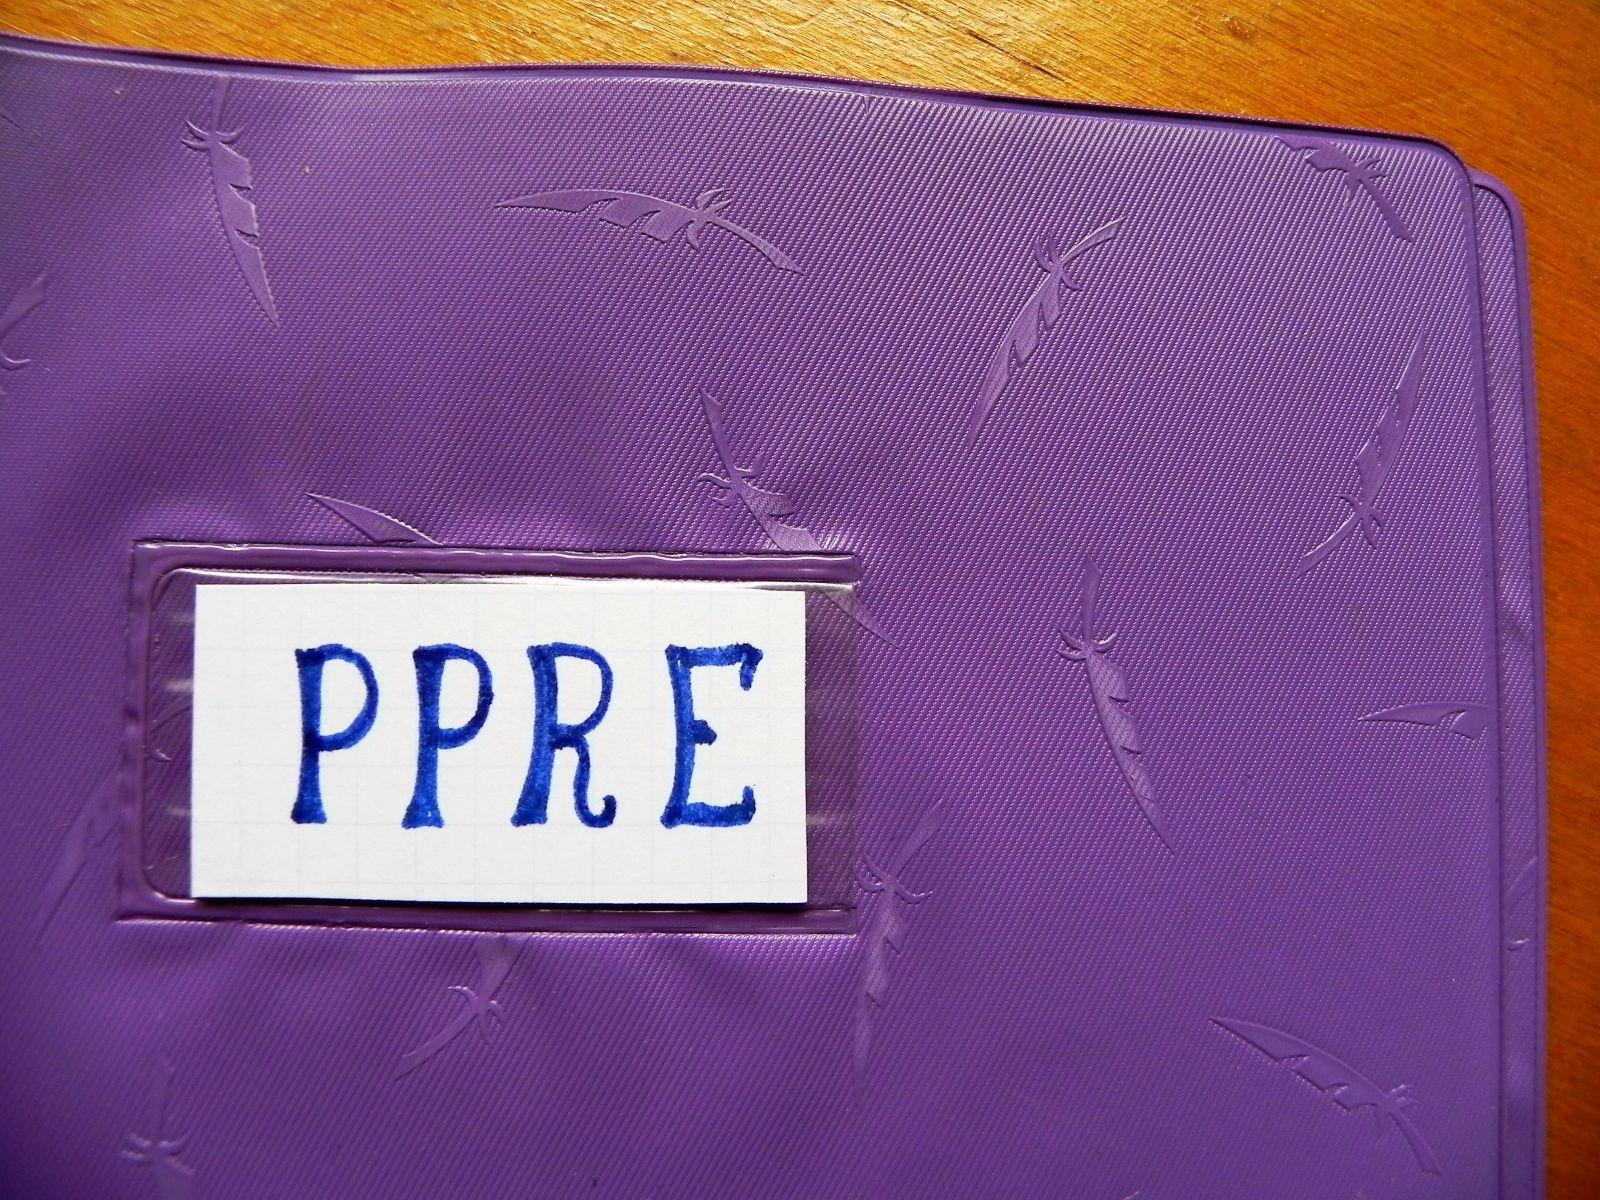 PPRE (Programme Personnalisé de Réussite Educative)